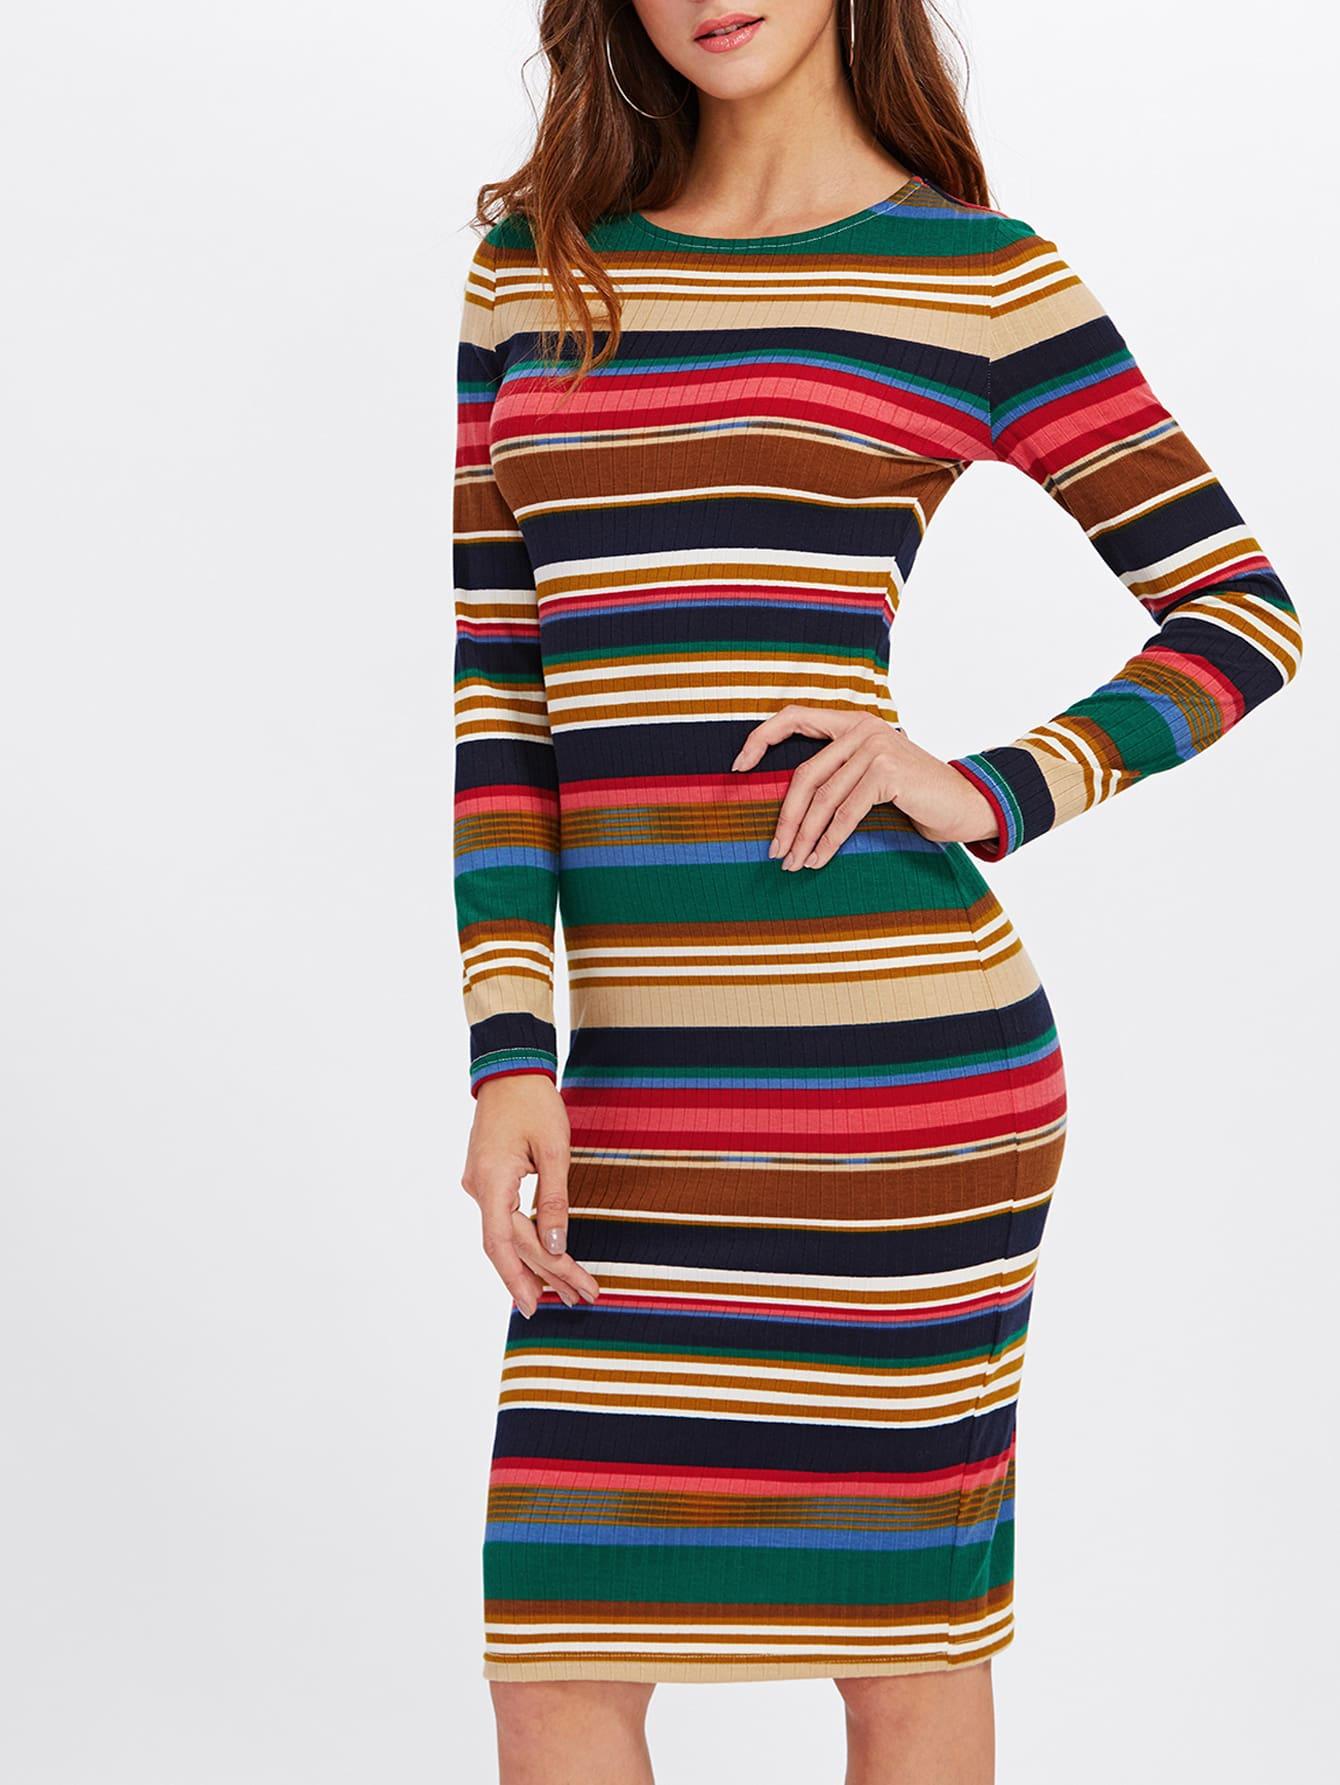 Rib Knit Colorful Striped Pencil Dress dress171016703